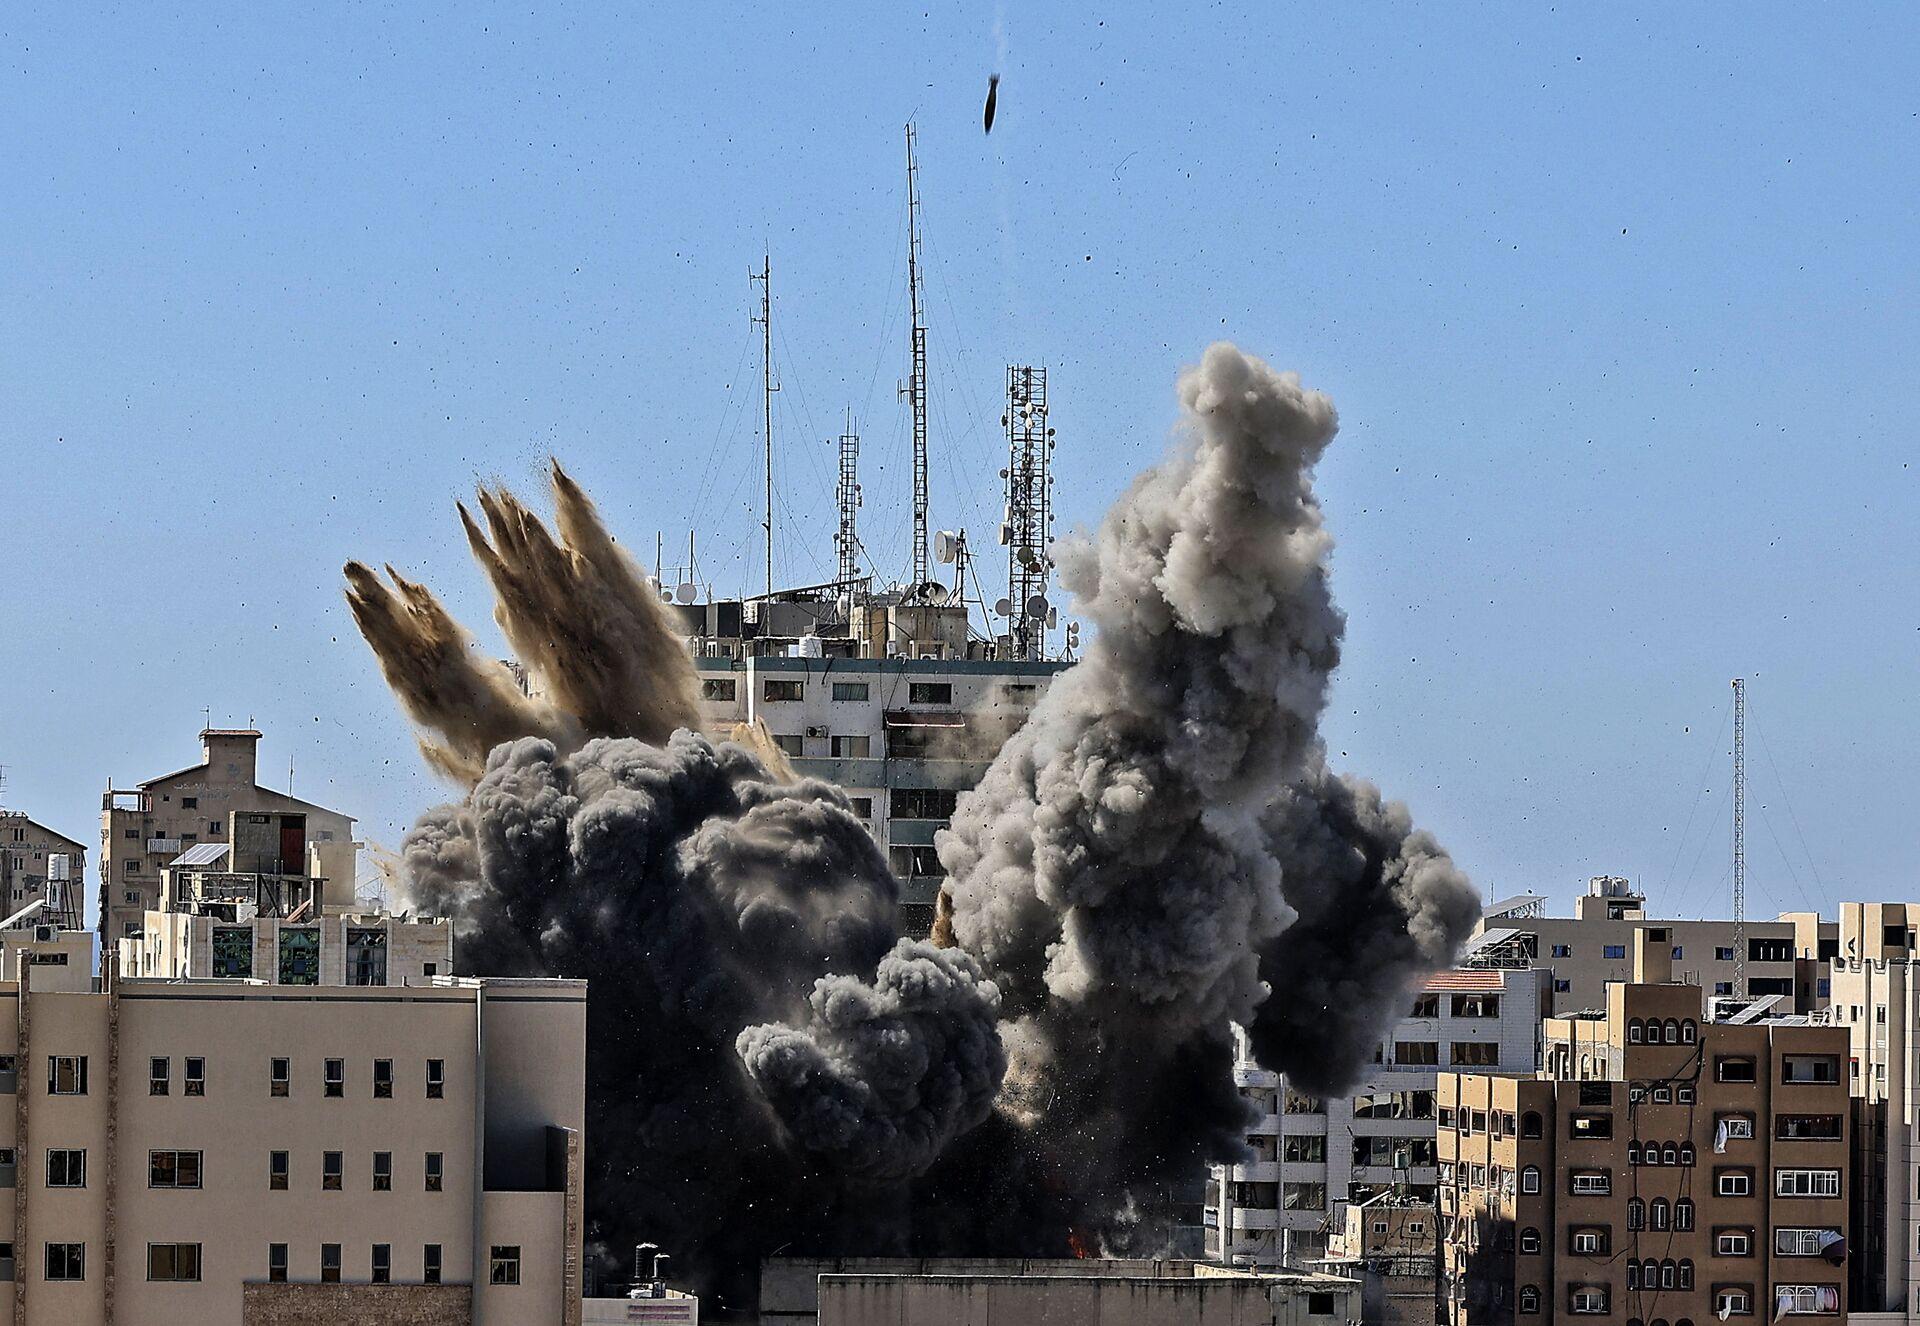 Raid israeliano su Gaza distrugge edificio Al-Jalaa con uffici dei media internazionali - Sputnik Italia, 1920, 21.05.2021